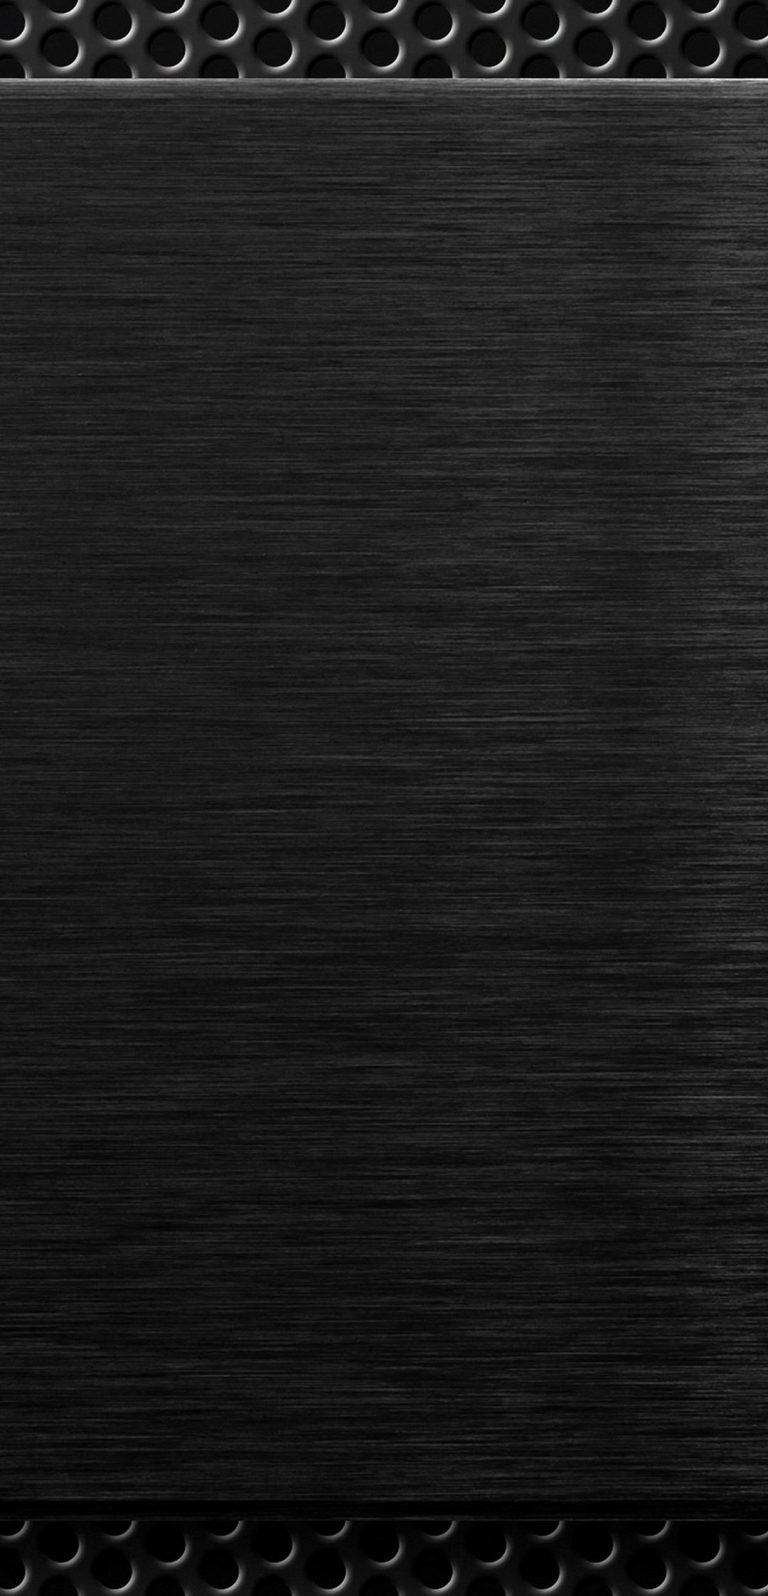 1080x2244 Wallpaper 012 768x1596